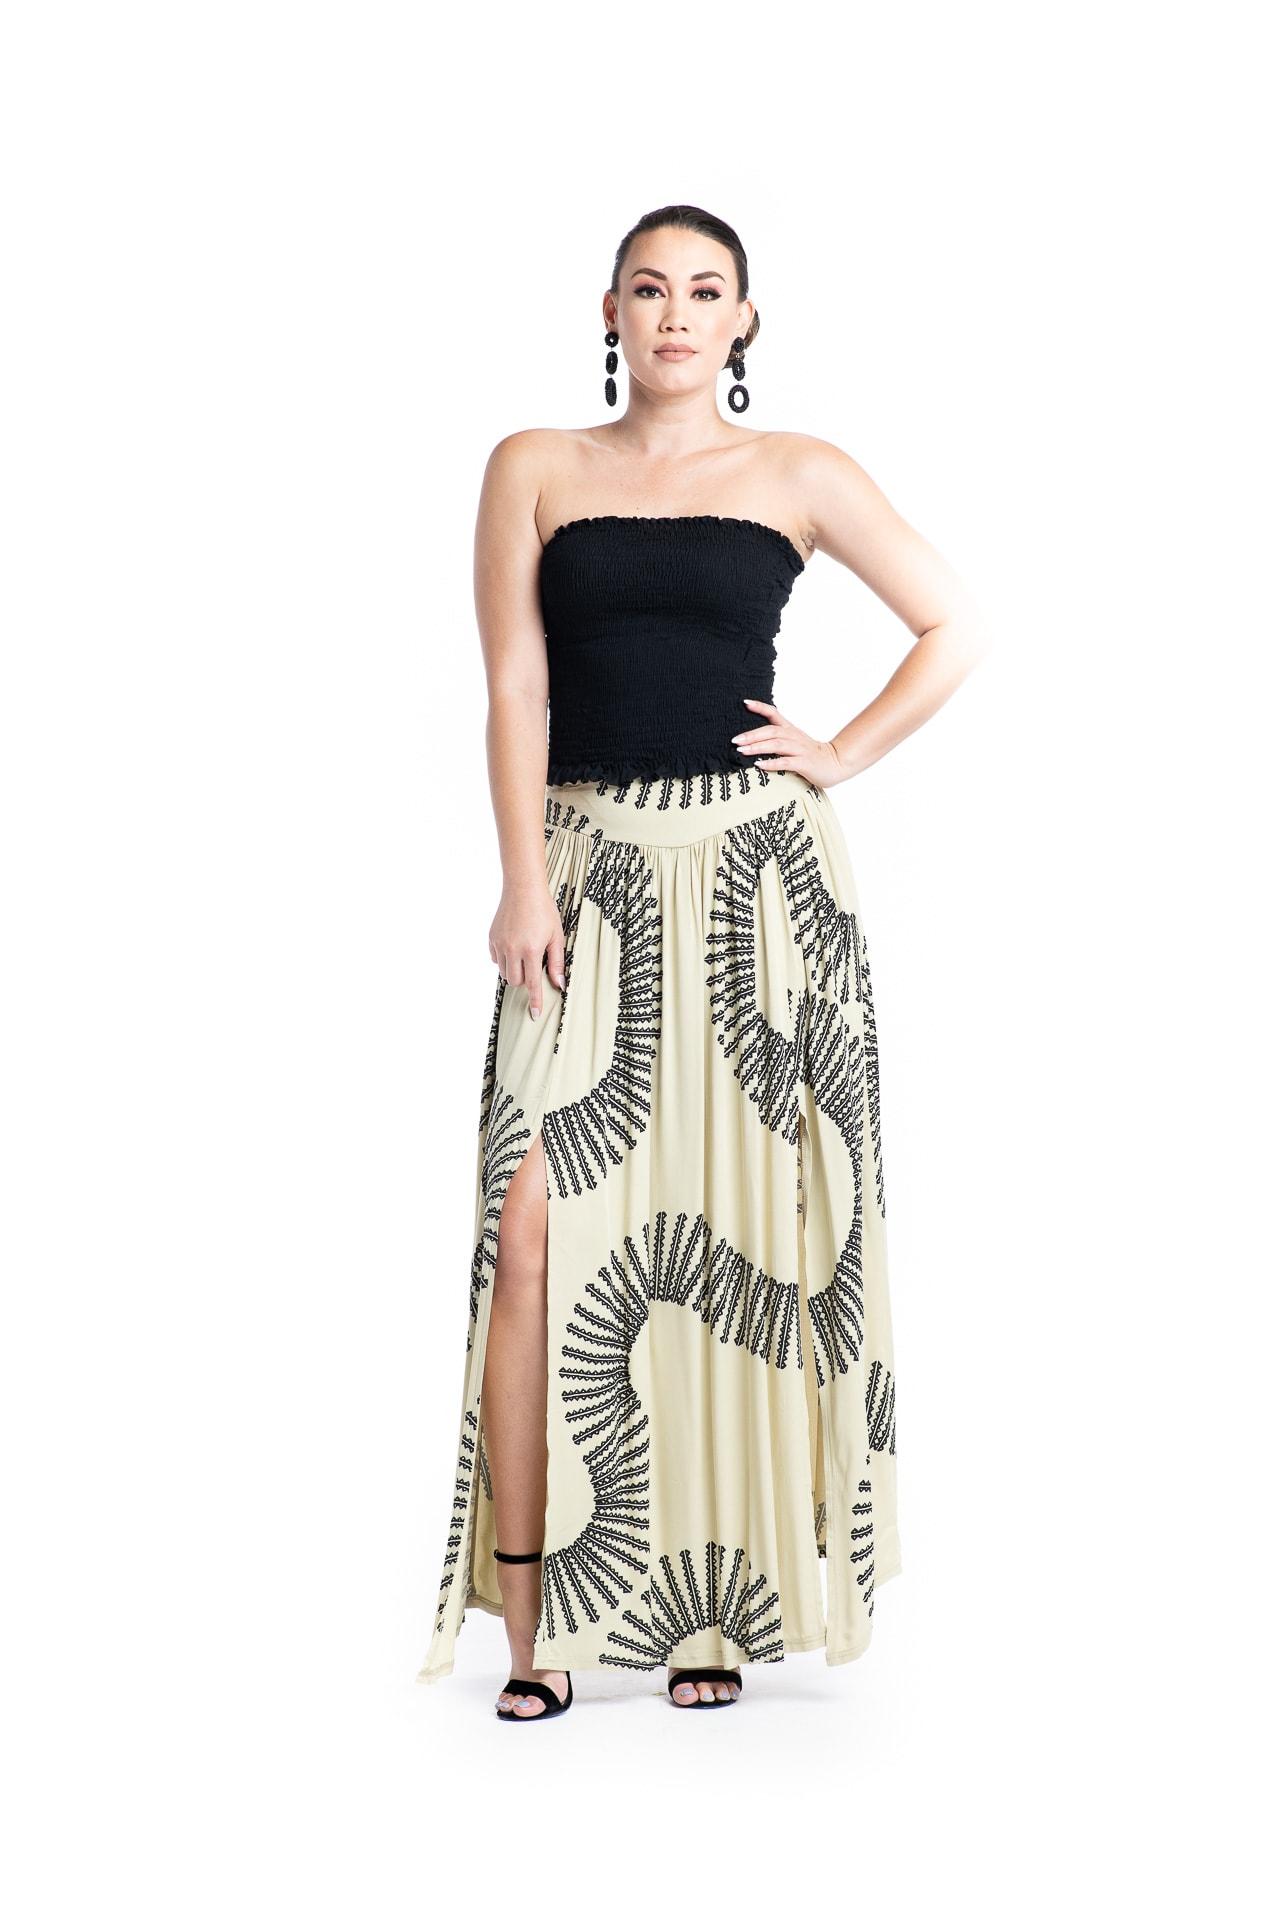 Model wearing Maoli Skirt - Front View